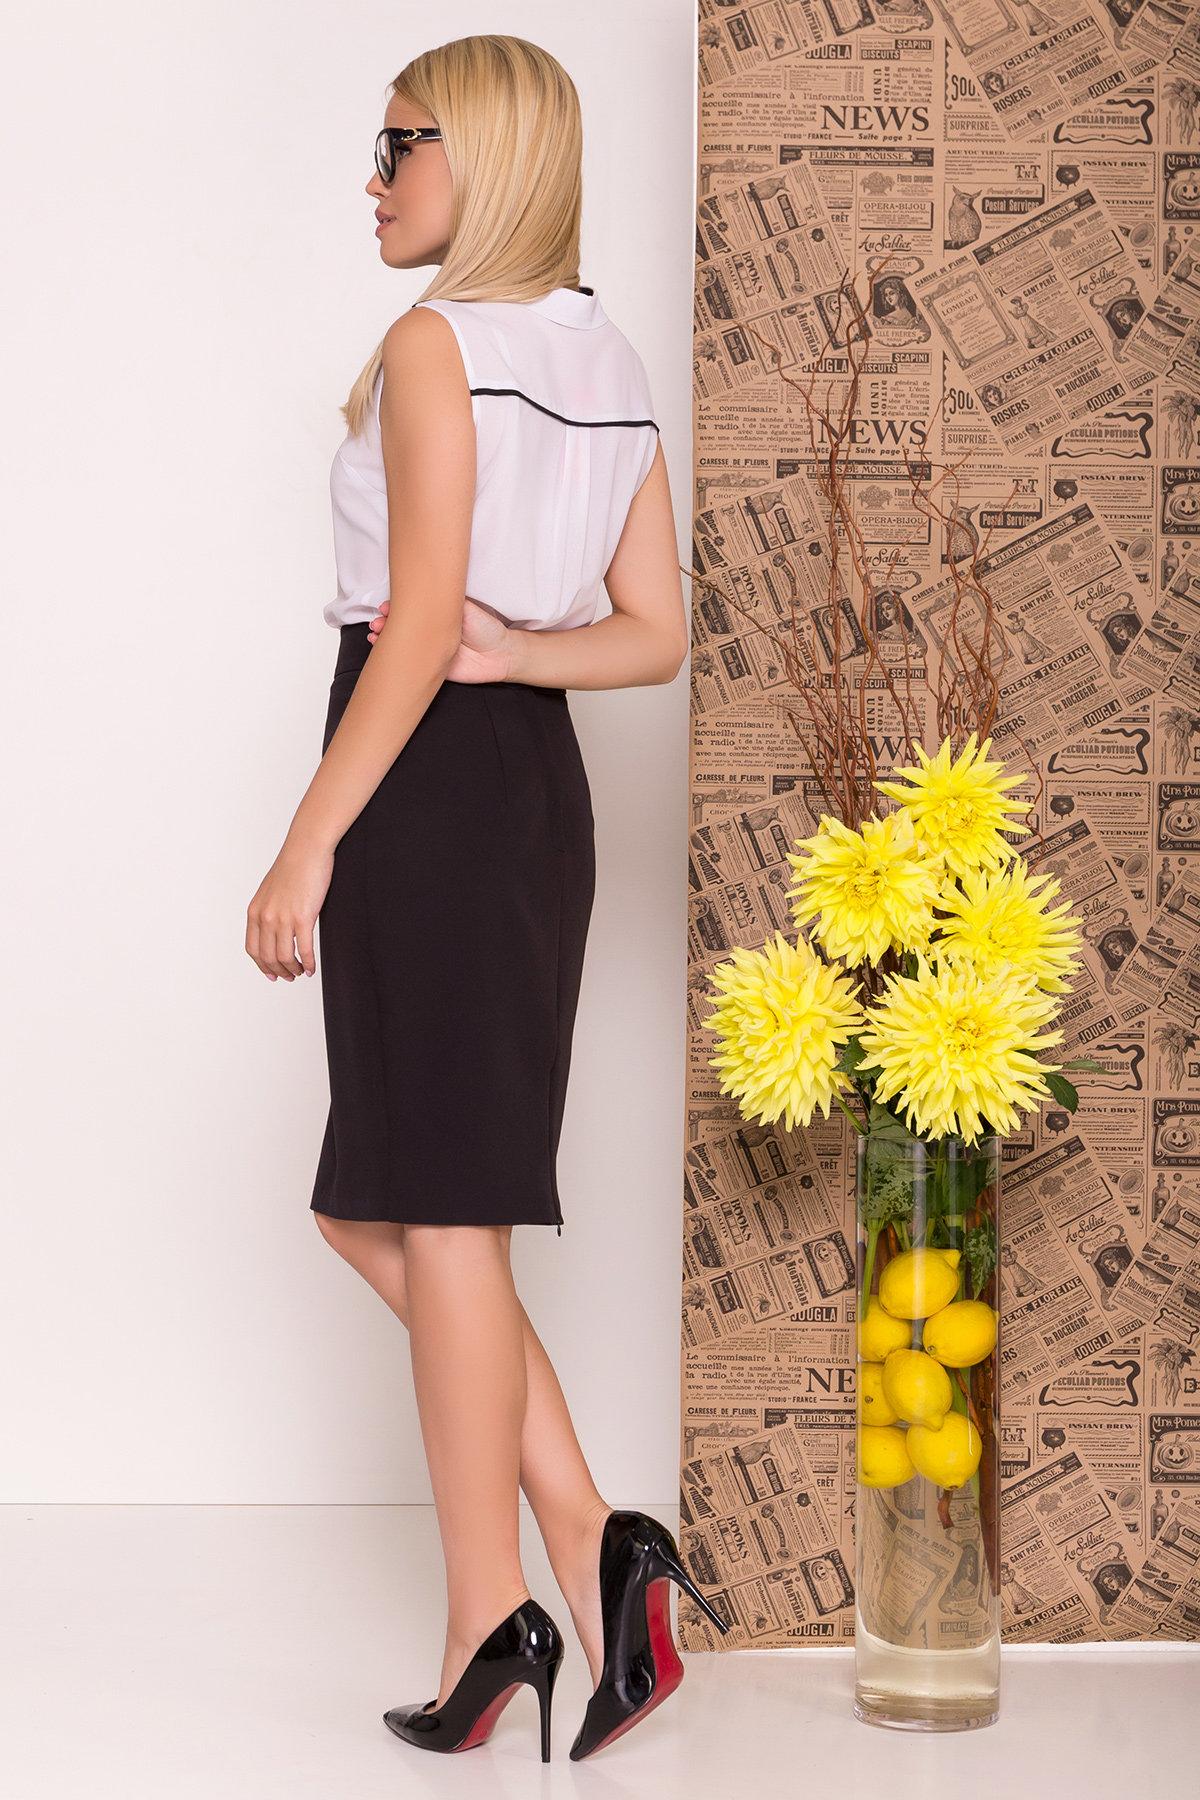 Блуза Ариана 7729 АРТ. 43635 Цвет: Белый/черный - фото 3, интернет магазин tm-modus.ru